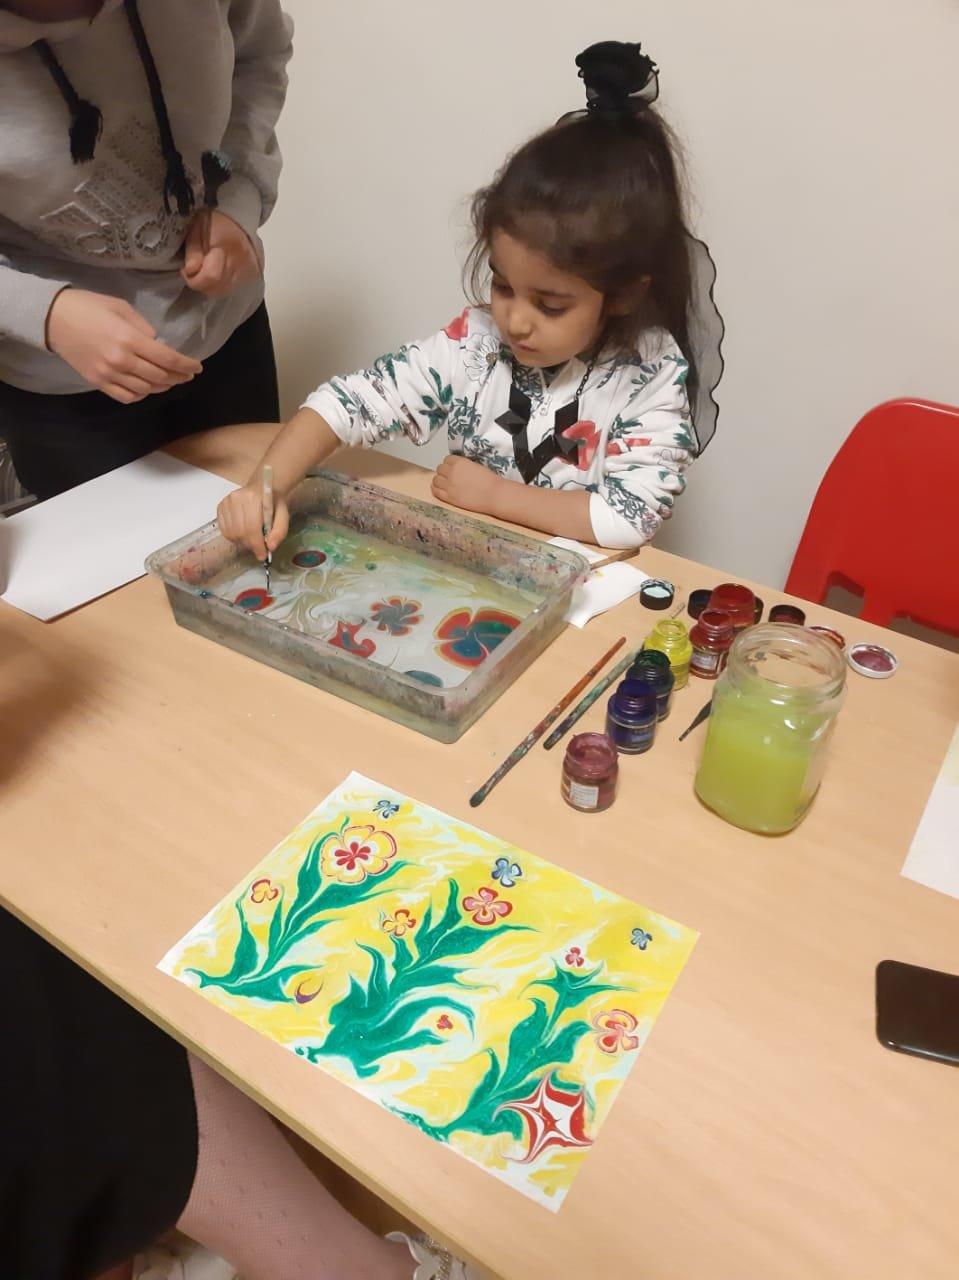 Bakıda uşaqların inkişafı üçün lazım olan hər şey: MƏKANLAR + QİYMƏTLƏR, fotoşəkil-8